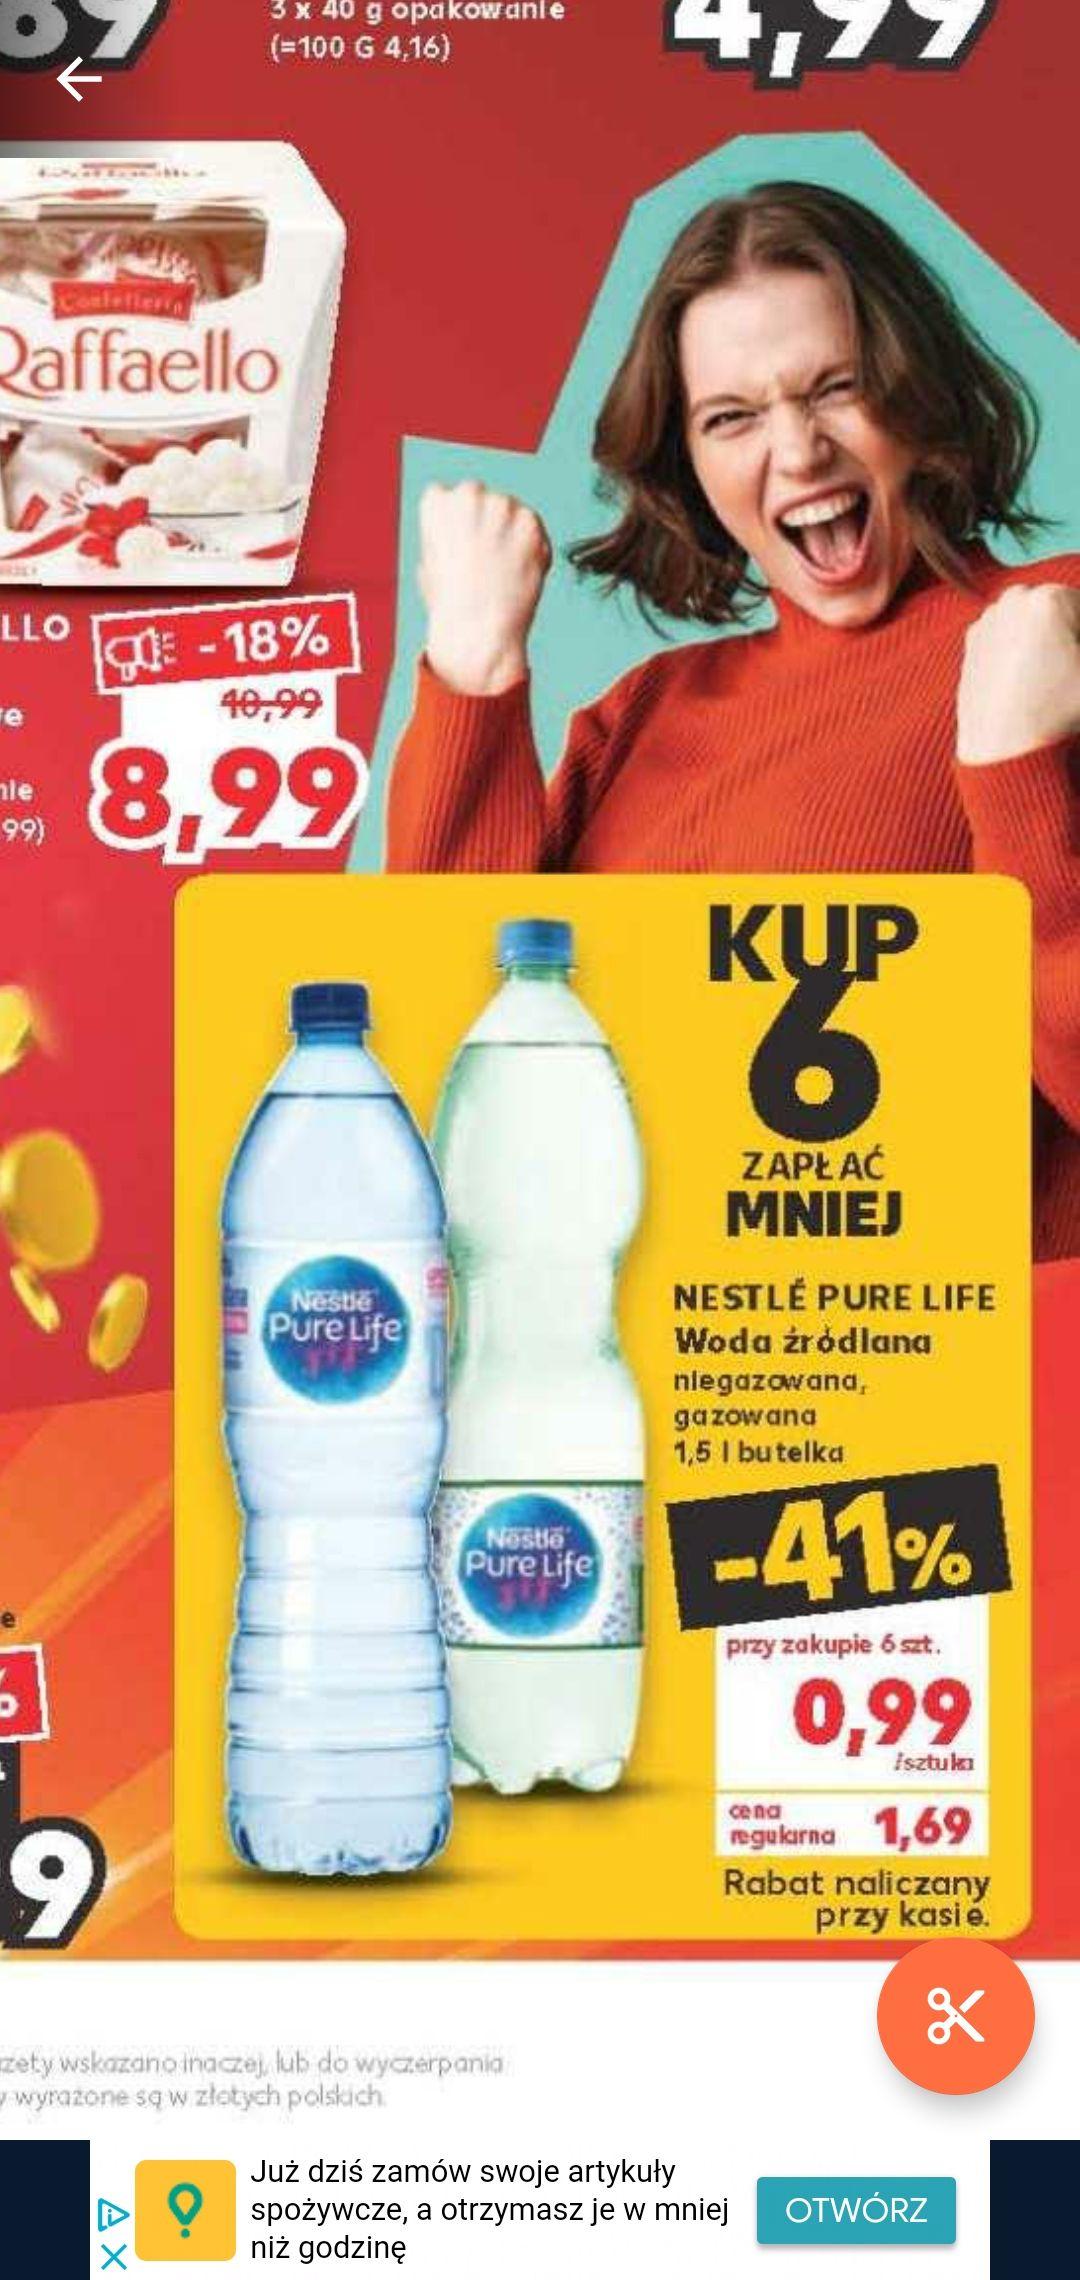 Woda źródlana NESTLE, cena przy zakupie 6sztuk KAUFLAND